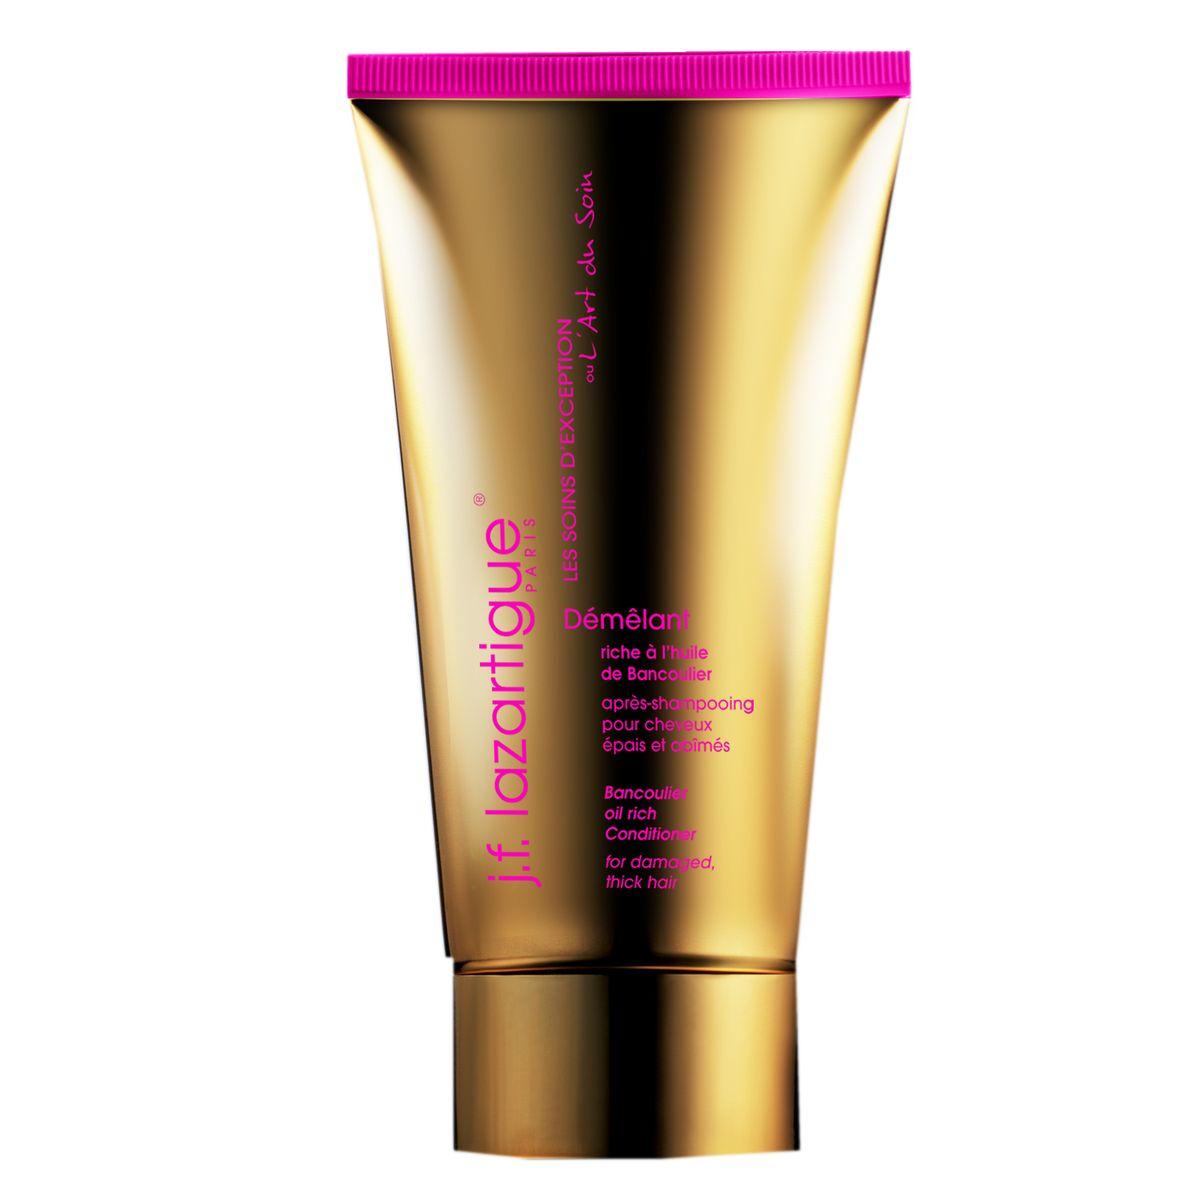 J.F.Lazartigue Кондиционер Банкульер (для густых волос, в том числе поврежденных) 150 млSatin Hair 7 BR730MNИсключительное укрепляющее средство для волос с маслом ореха кукуйи, богатым витаминами А, Е и F. Предназначено для густых (не тонких) сухих волос, склонных к повреждению, ломких и тусклых. Ухаживая изнутри, улучшает состояние потерявших жизненную силу волос – питает, увлажняет, препятствует их дегидратации и ломкости. Смягчает непокорные густые волосы, делает их более гладкими и послушными. Превосходно сочетается с другими средствами J.F. LAZARTIGUE Банкульер (шампунем и средствами из набора Незаменимый дуэт: эссенциальным кремом и сывороткой).